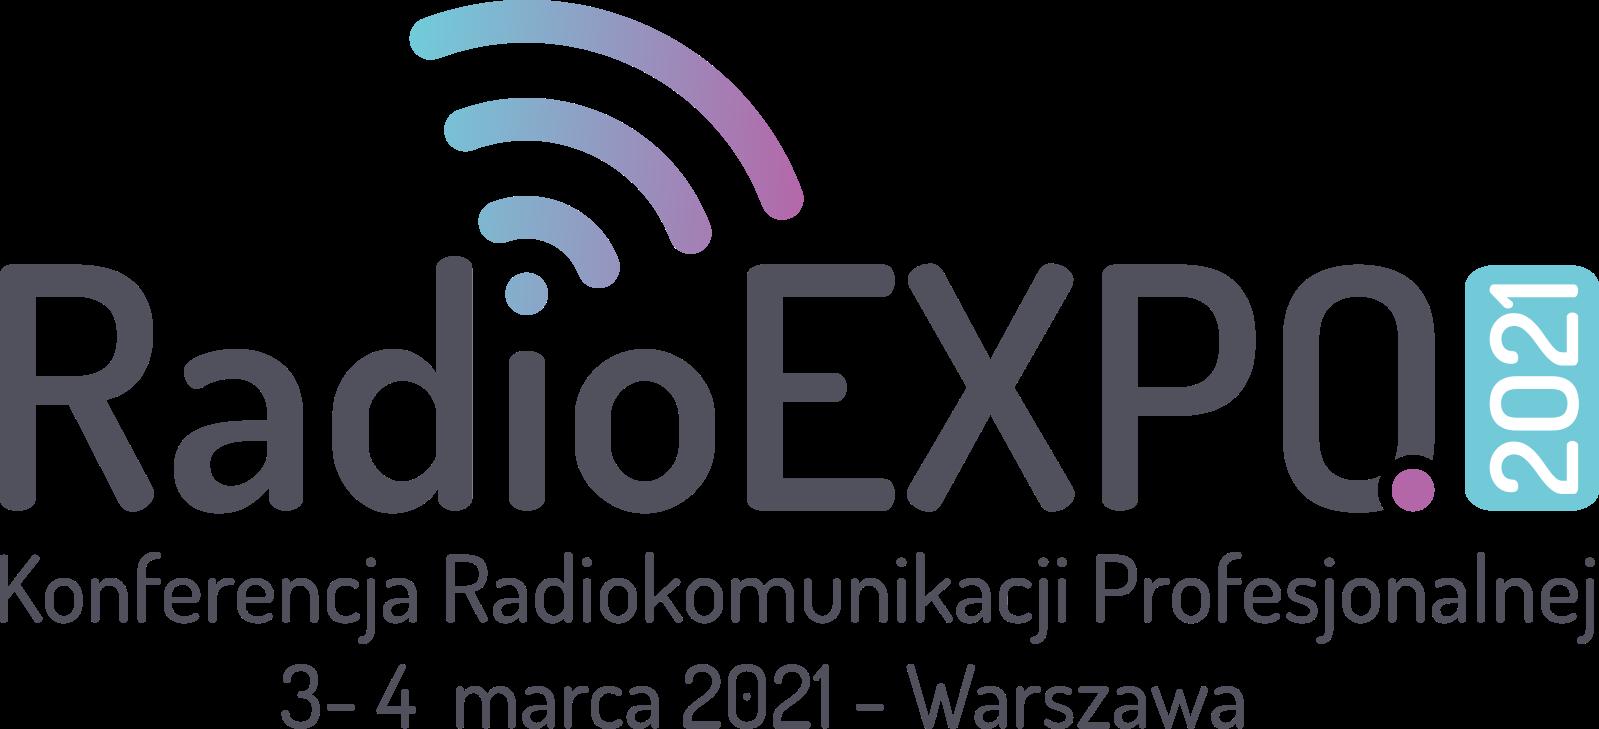 Konferencji i Wystawy branży Radiokomunikacji Profesjonalnej RadioEXPO 2021